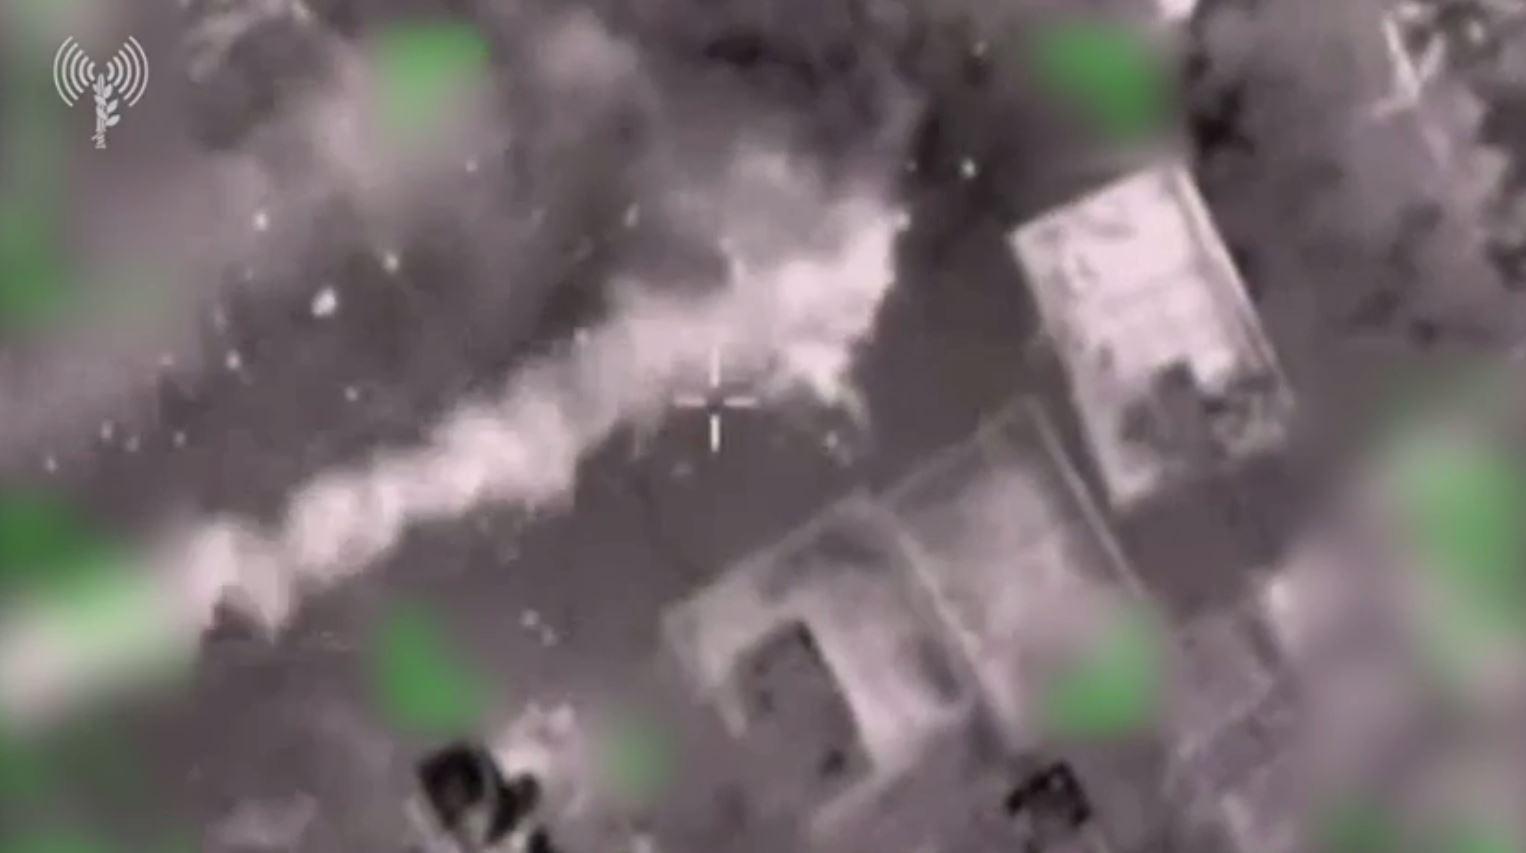 الجيش الإسرائيلي ينشر فيديو يوثق استهداف مواقع